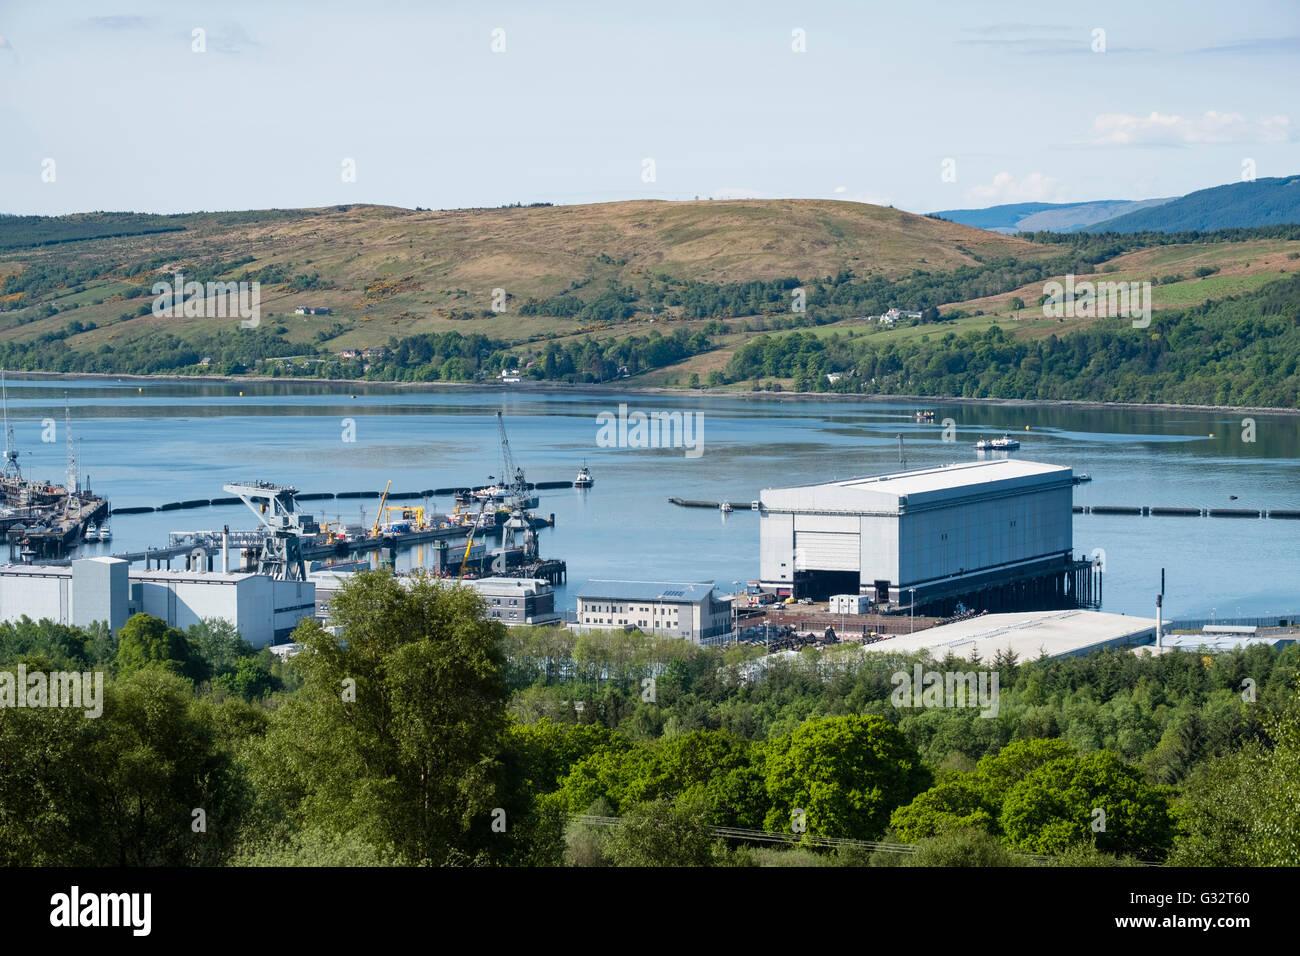 Ansicht der Royal Navy Base, Clyde, in Faslane auf dem Gare Loch in Argyll und Bute Schottland Vereinigtes Königreich Stockbild